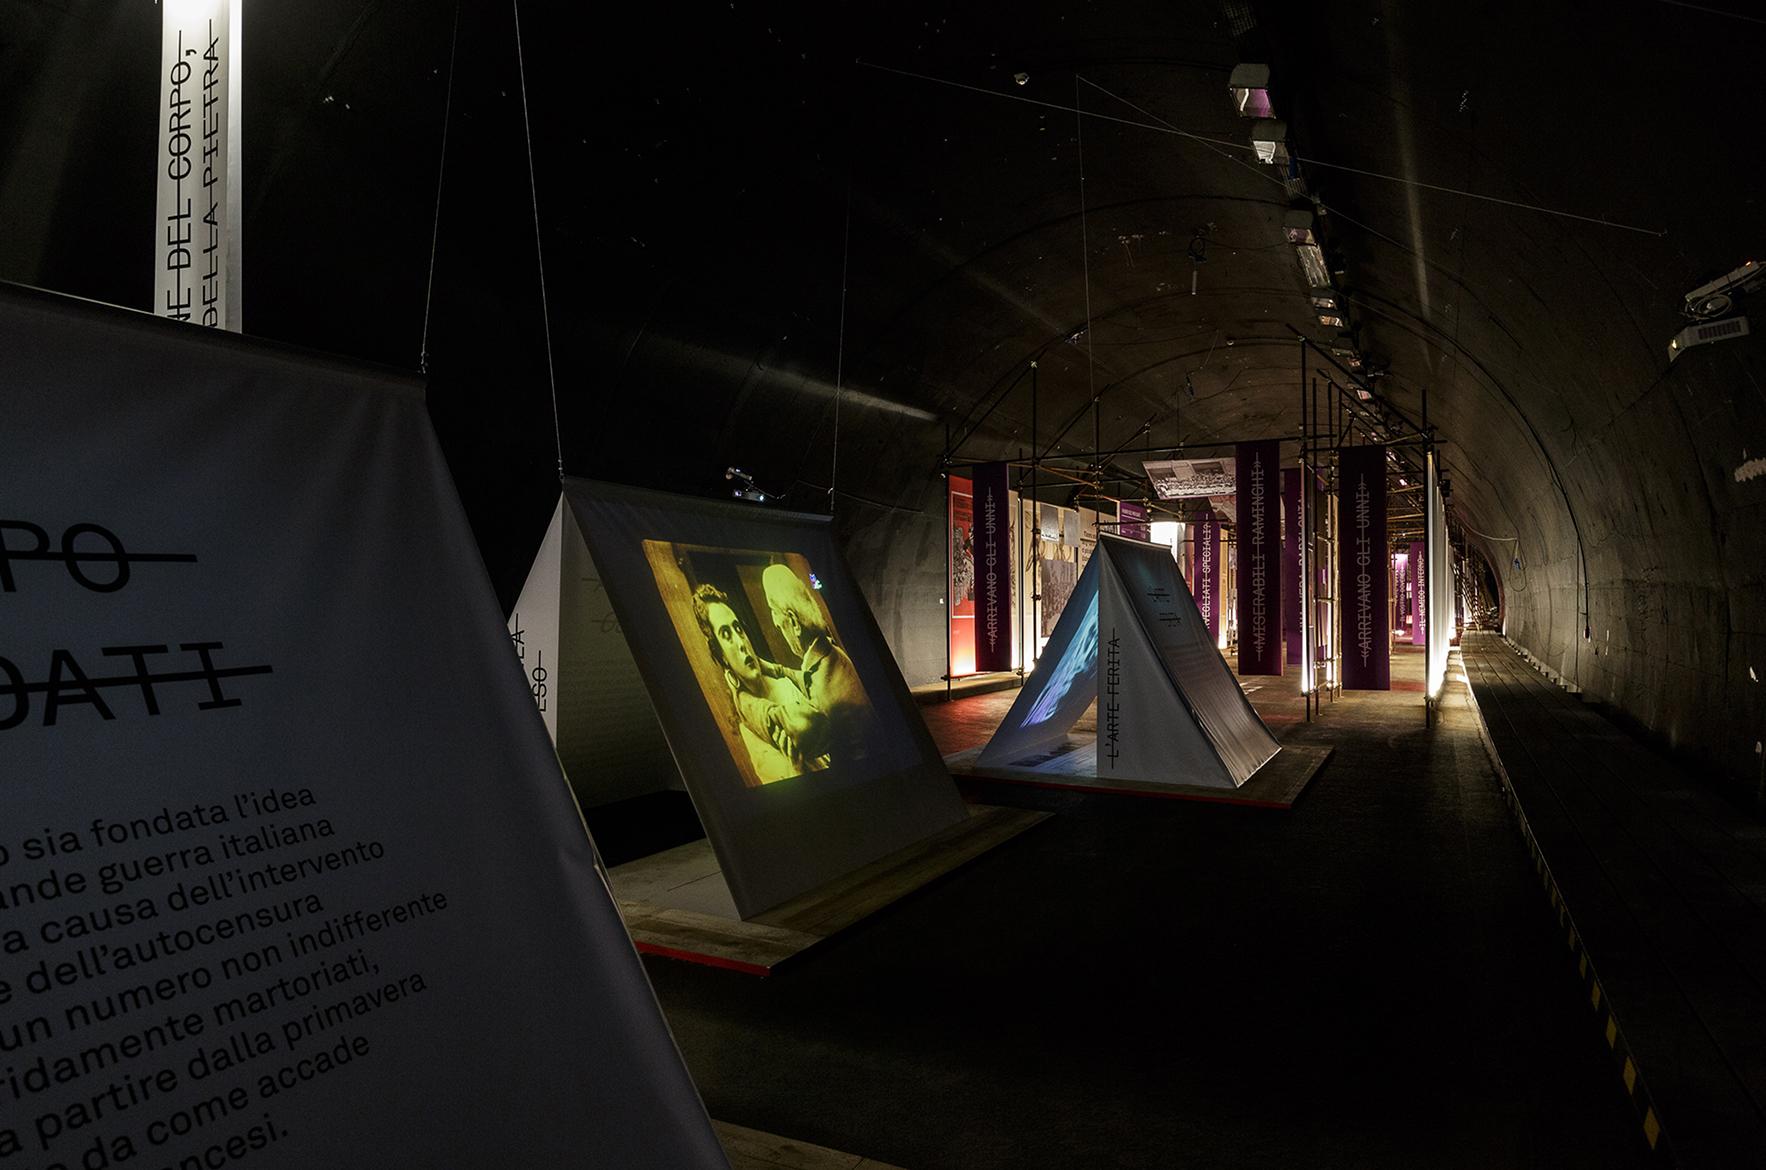 Le Gallerie 2017, L'ultimo anno di guerra, mostra